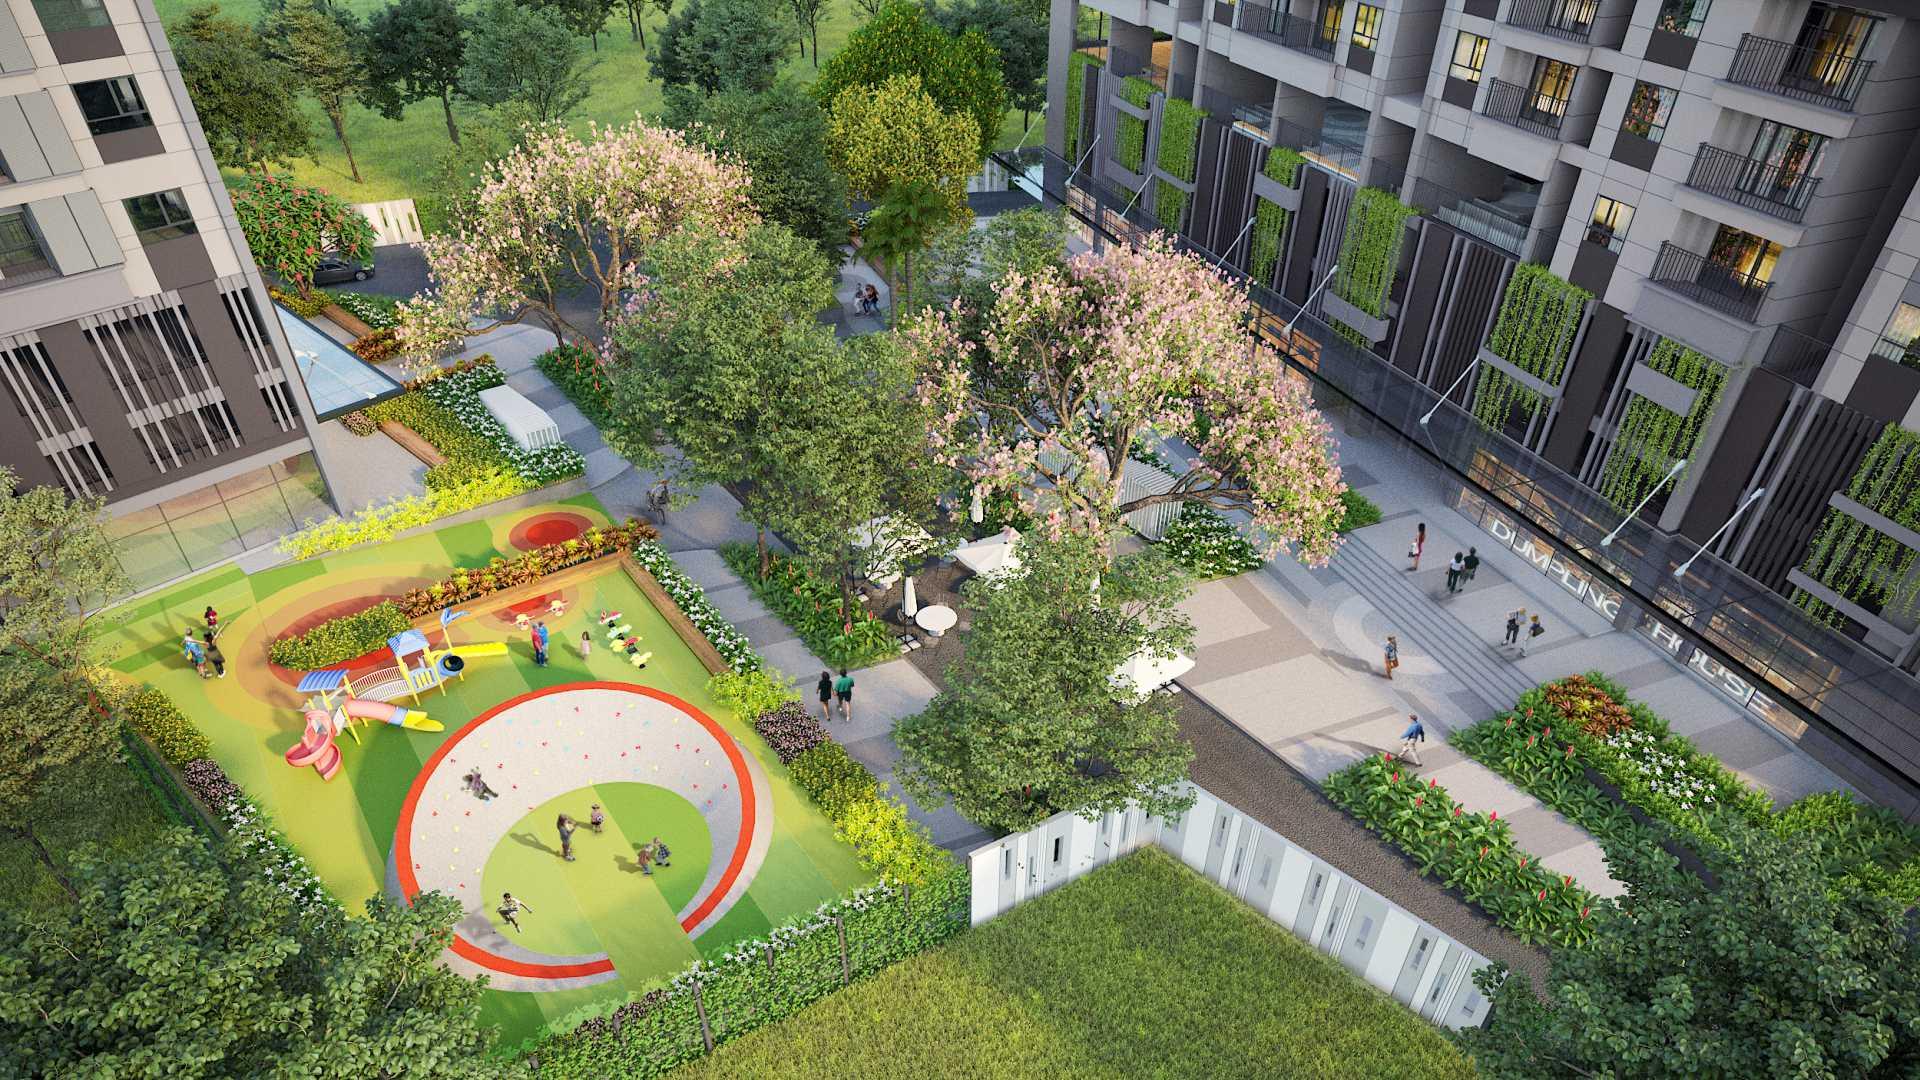 Hình Ảnh phối cảnh nội khu, tiện ích, khu vui chơi ngoài trời tại dự án căn hộ Opal Boulevard Phạm Văn Đồng